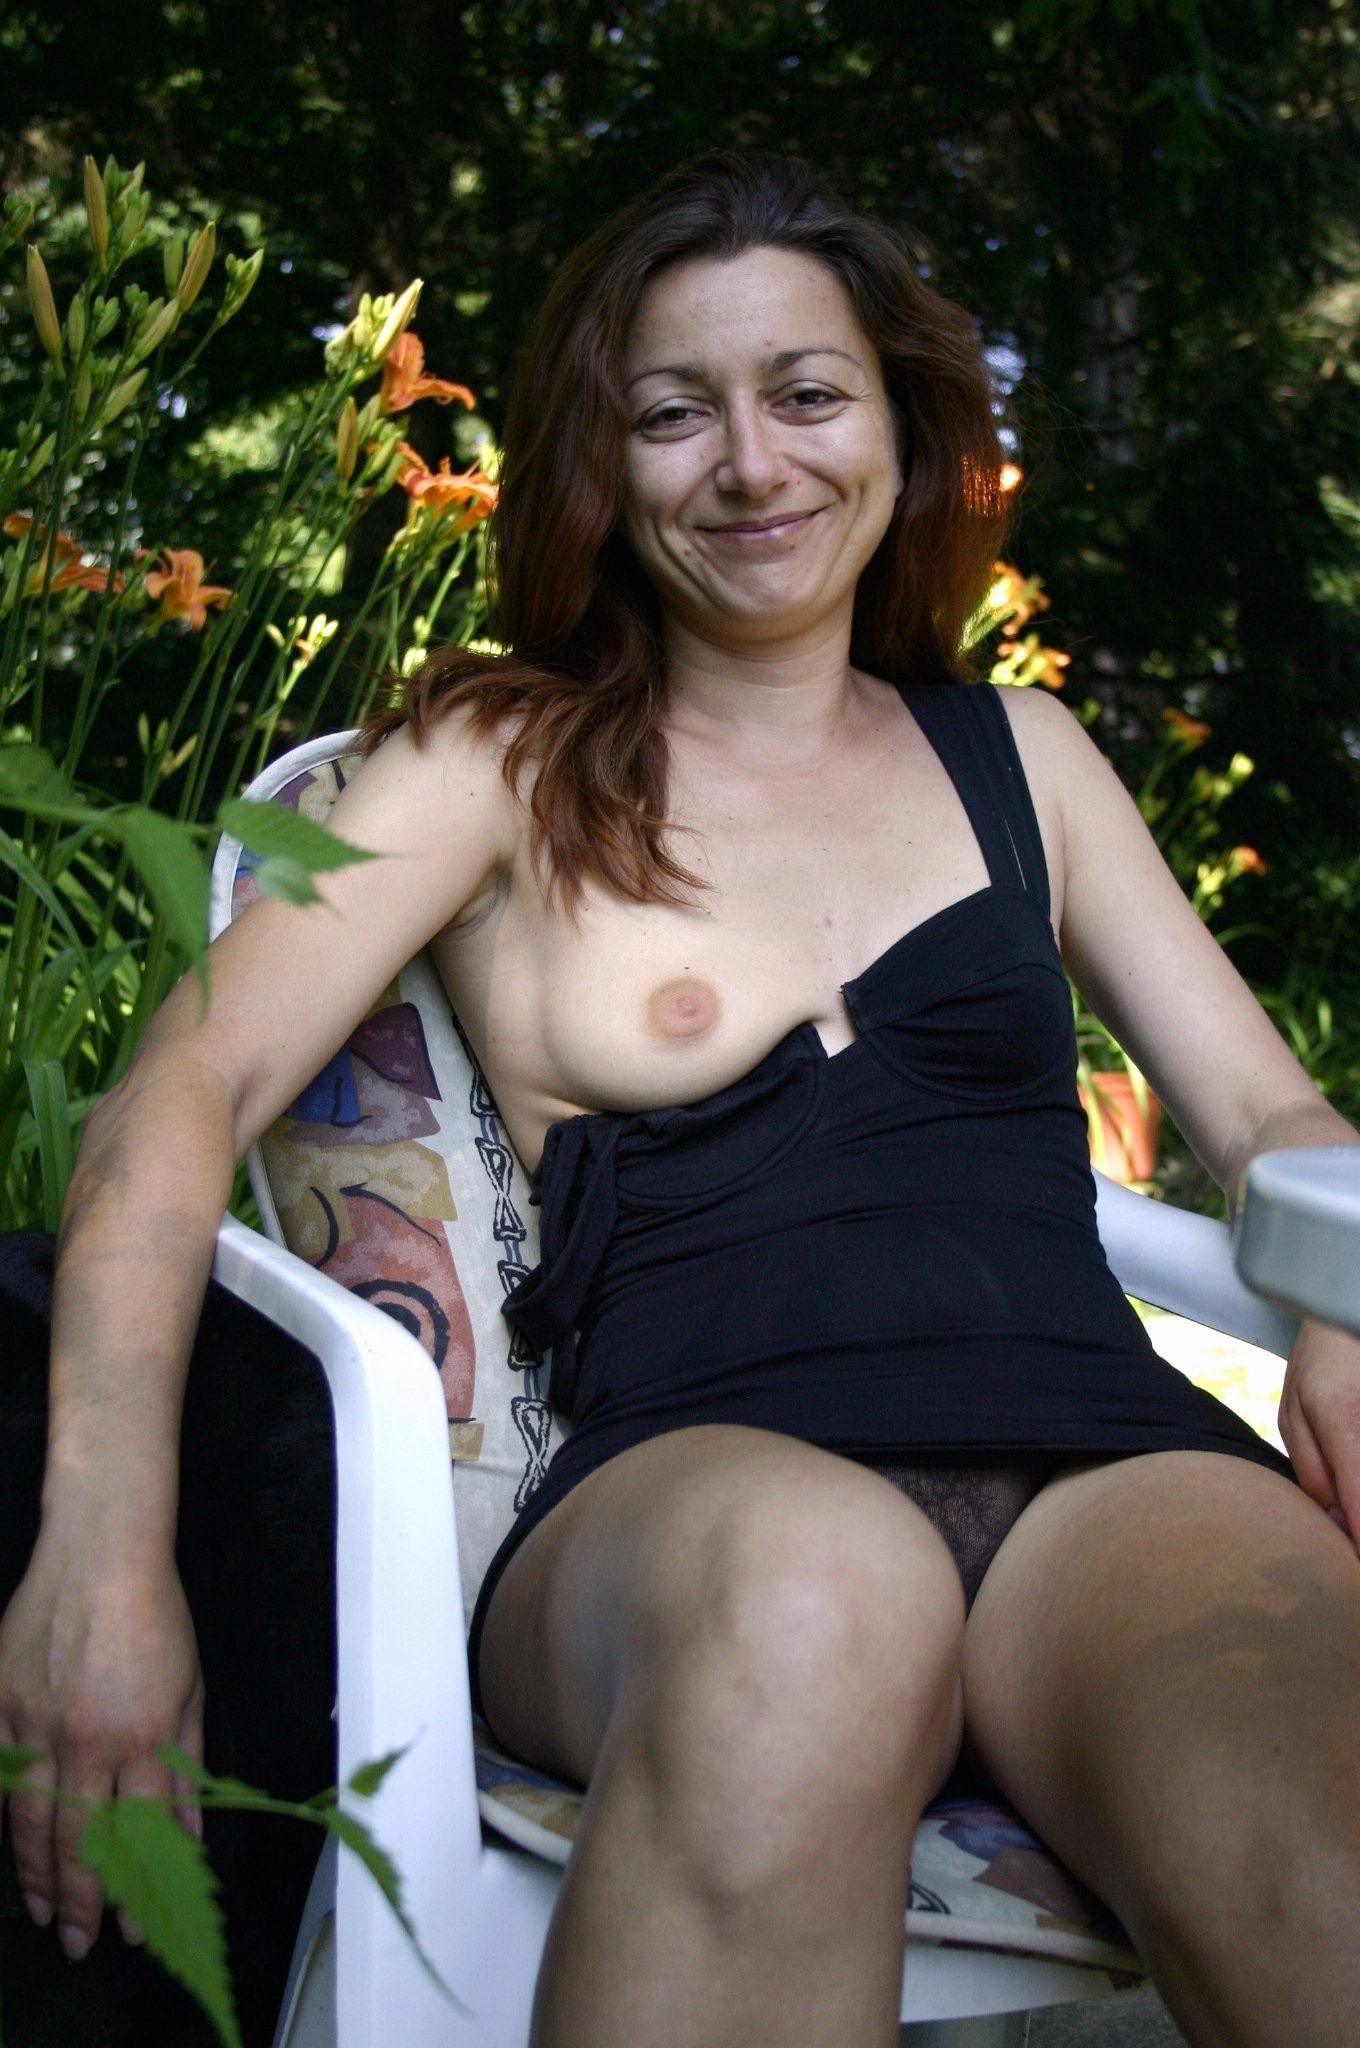 Best mature granny